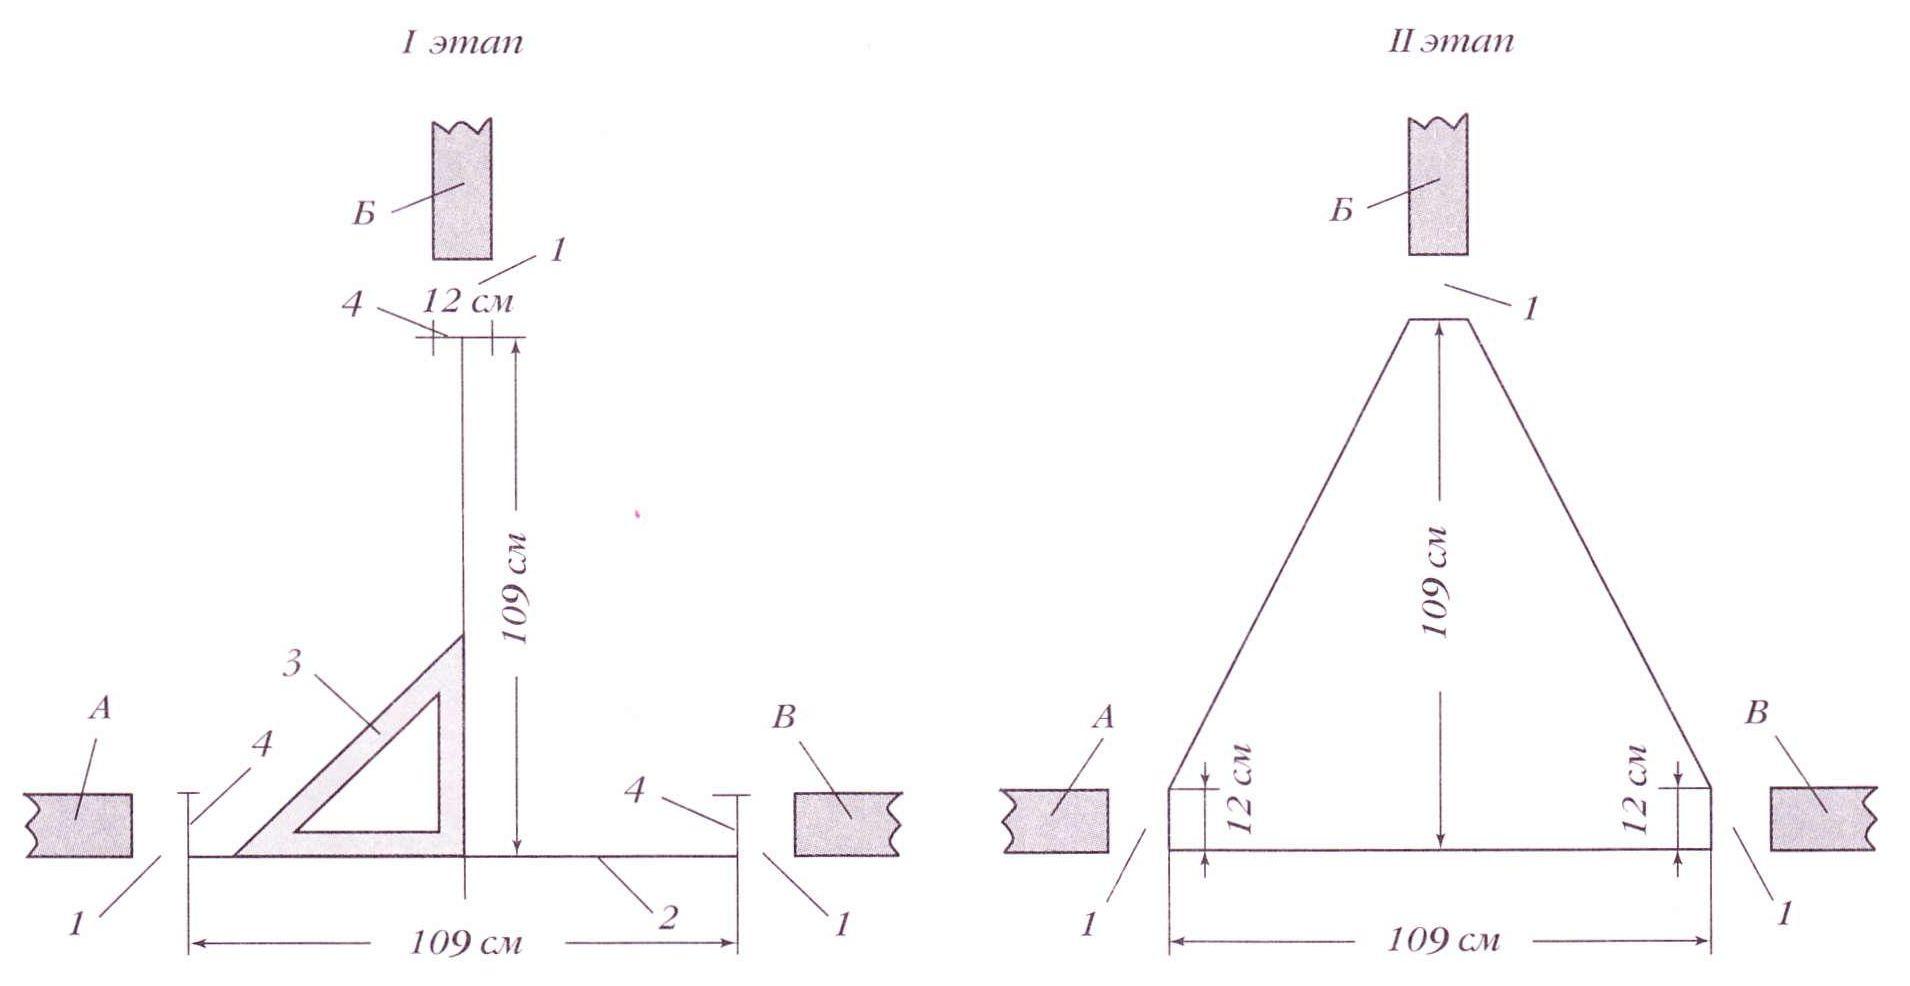 Треугольная печь. Разметка под кладку: I этап - нанесение линий по заданным размерам печи, II этап - вычерчивание контура печи